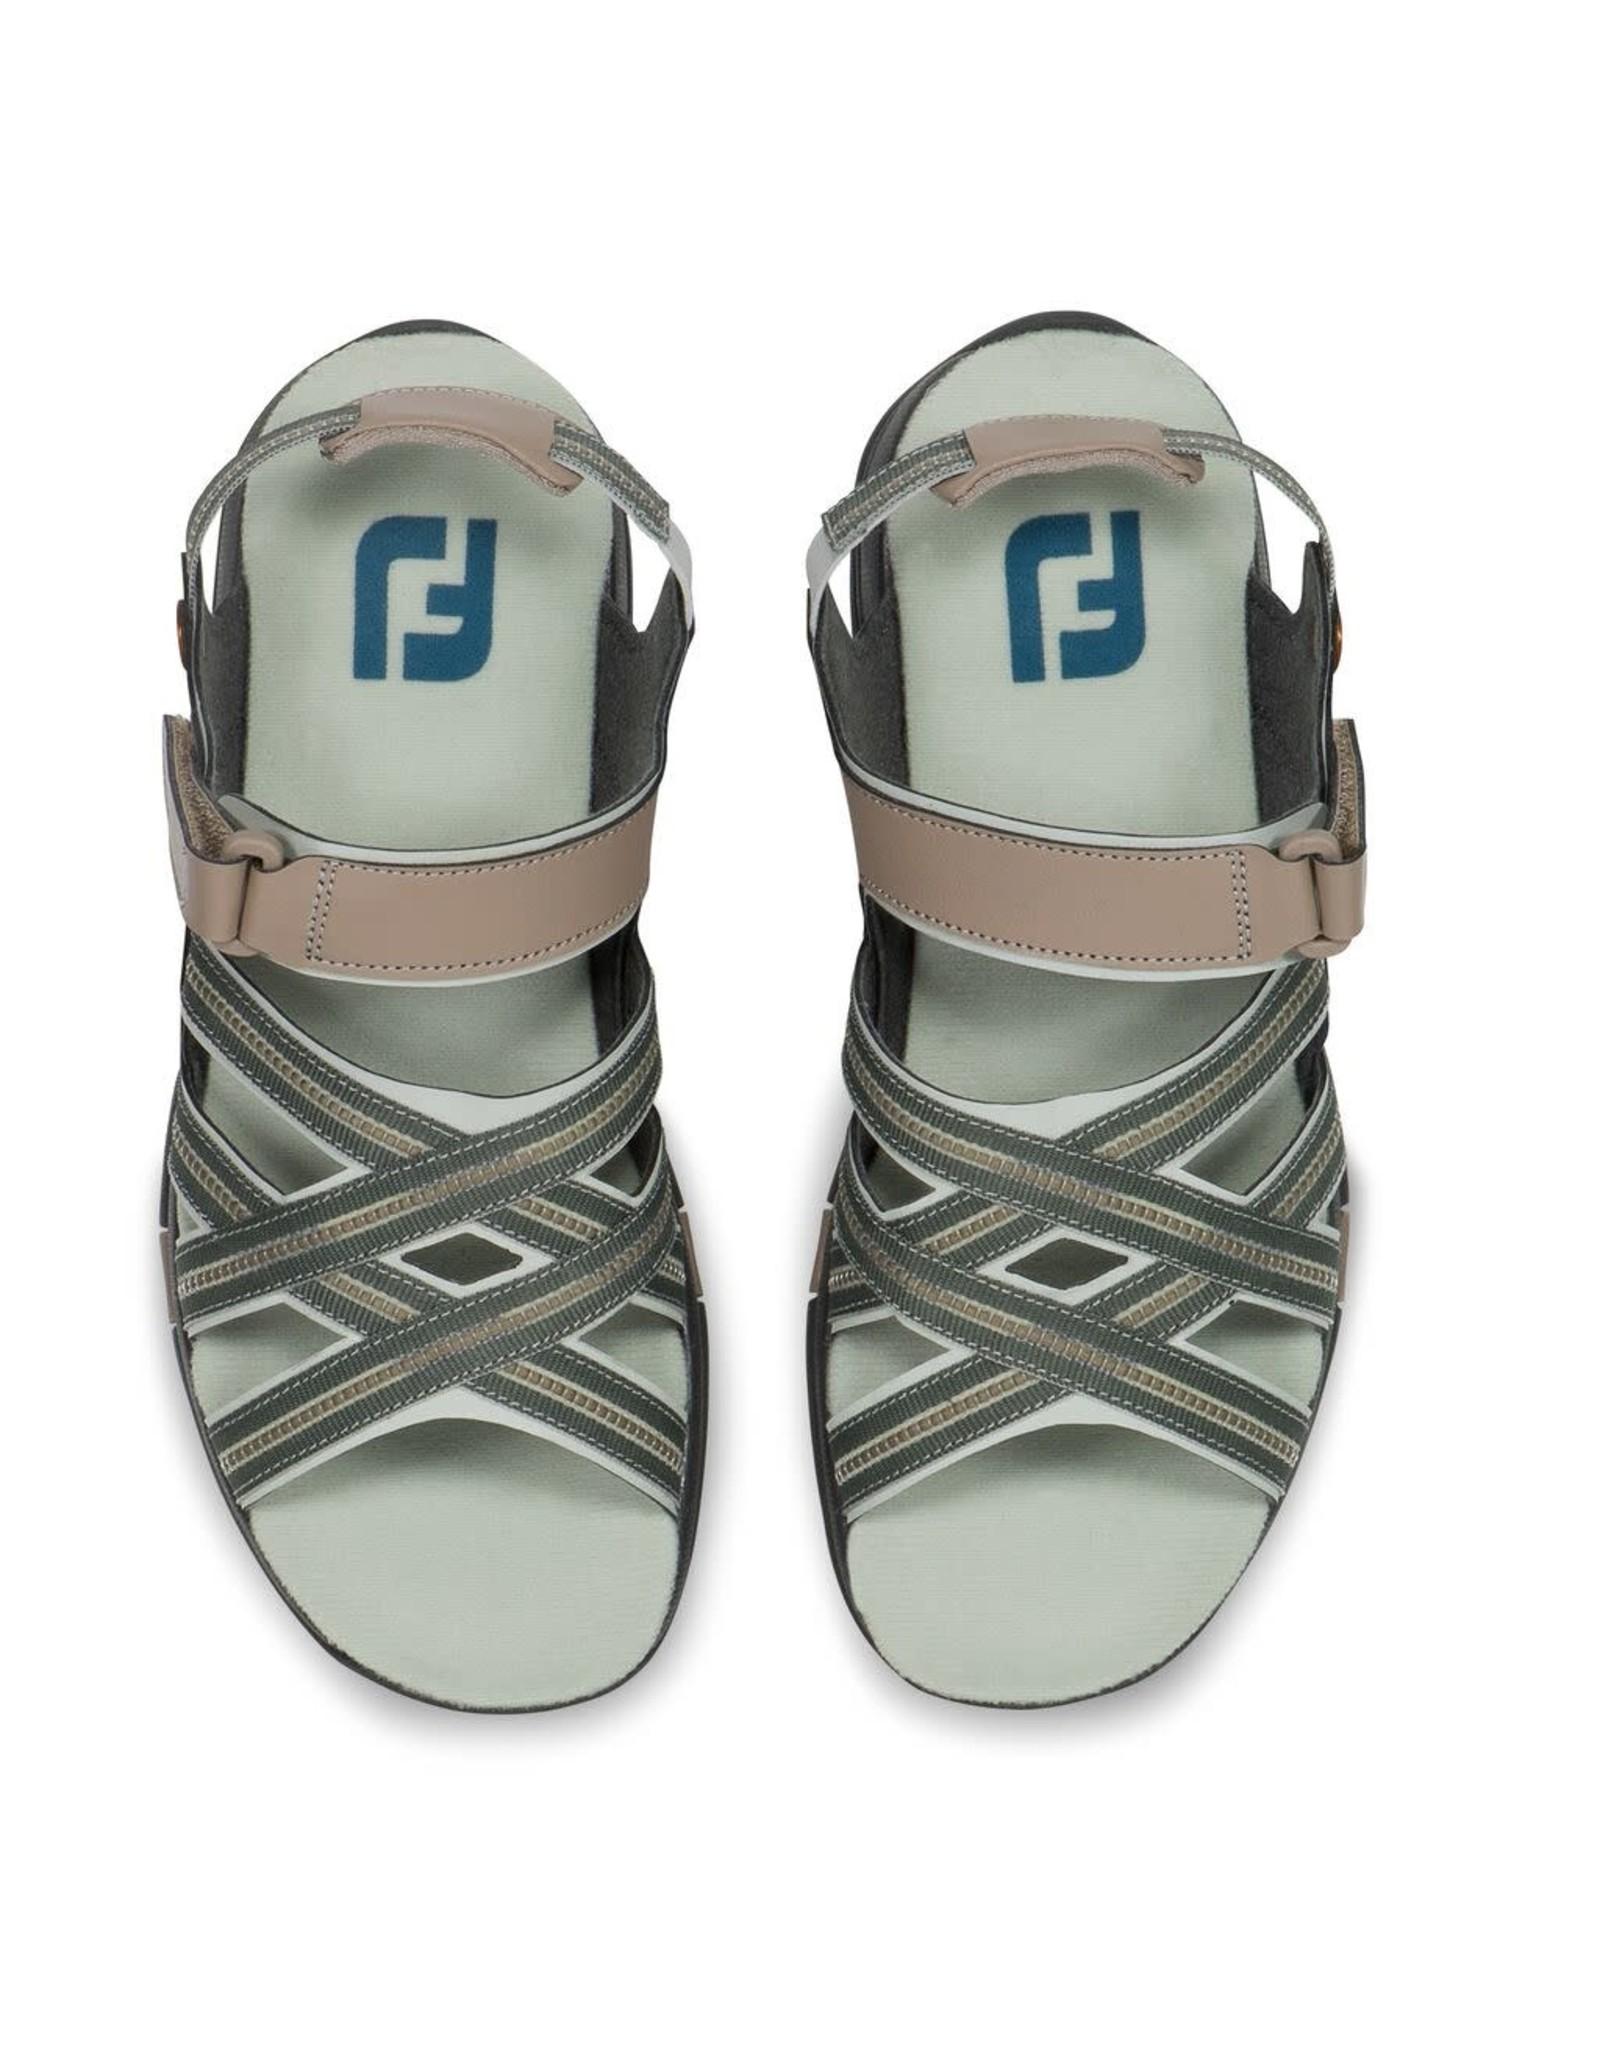 FJ FJ Women's Golf Sandal